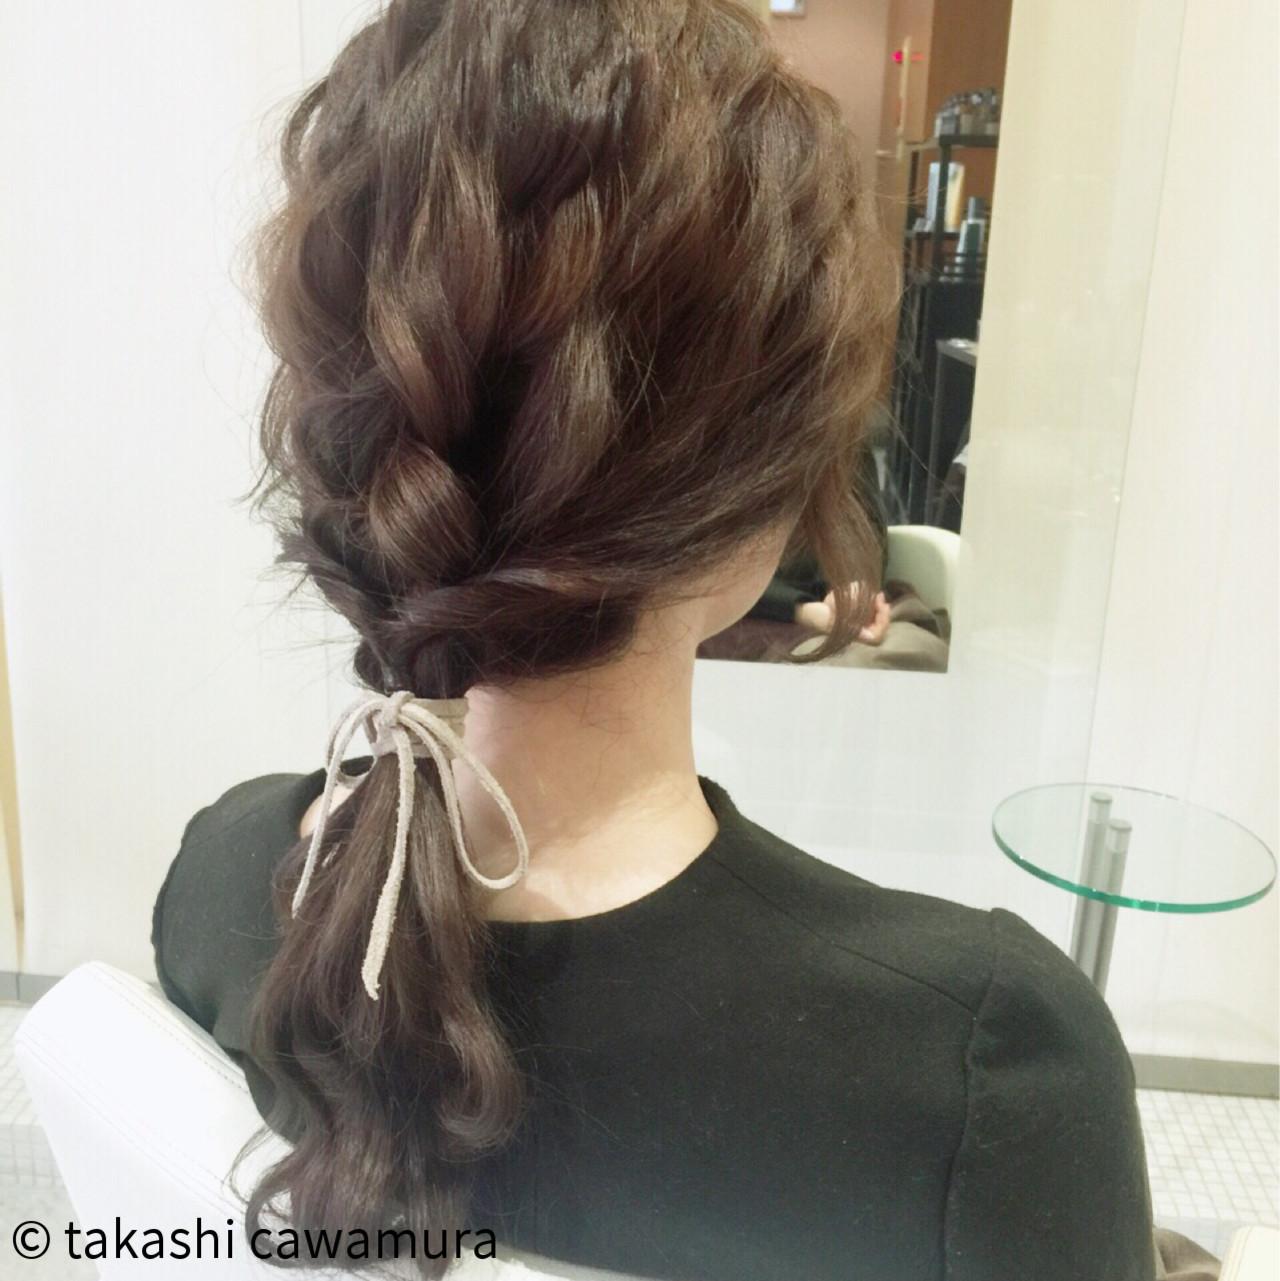 ロング 編み込み 時短 ポニーテール ヘアスタイルや髪型の写真・画像